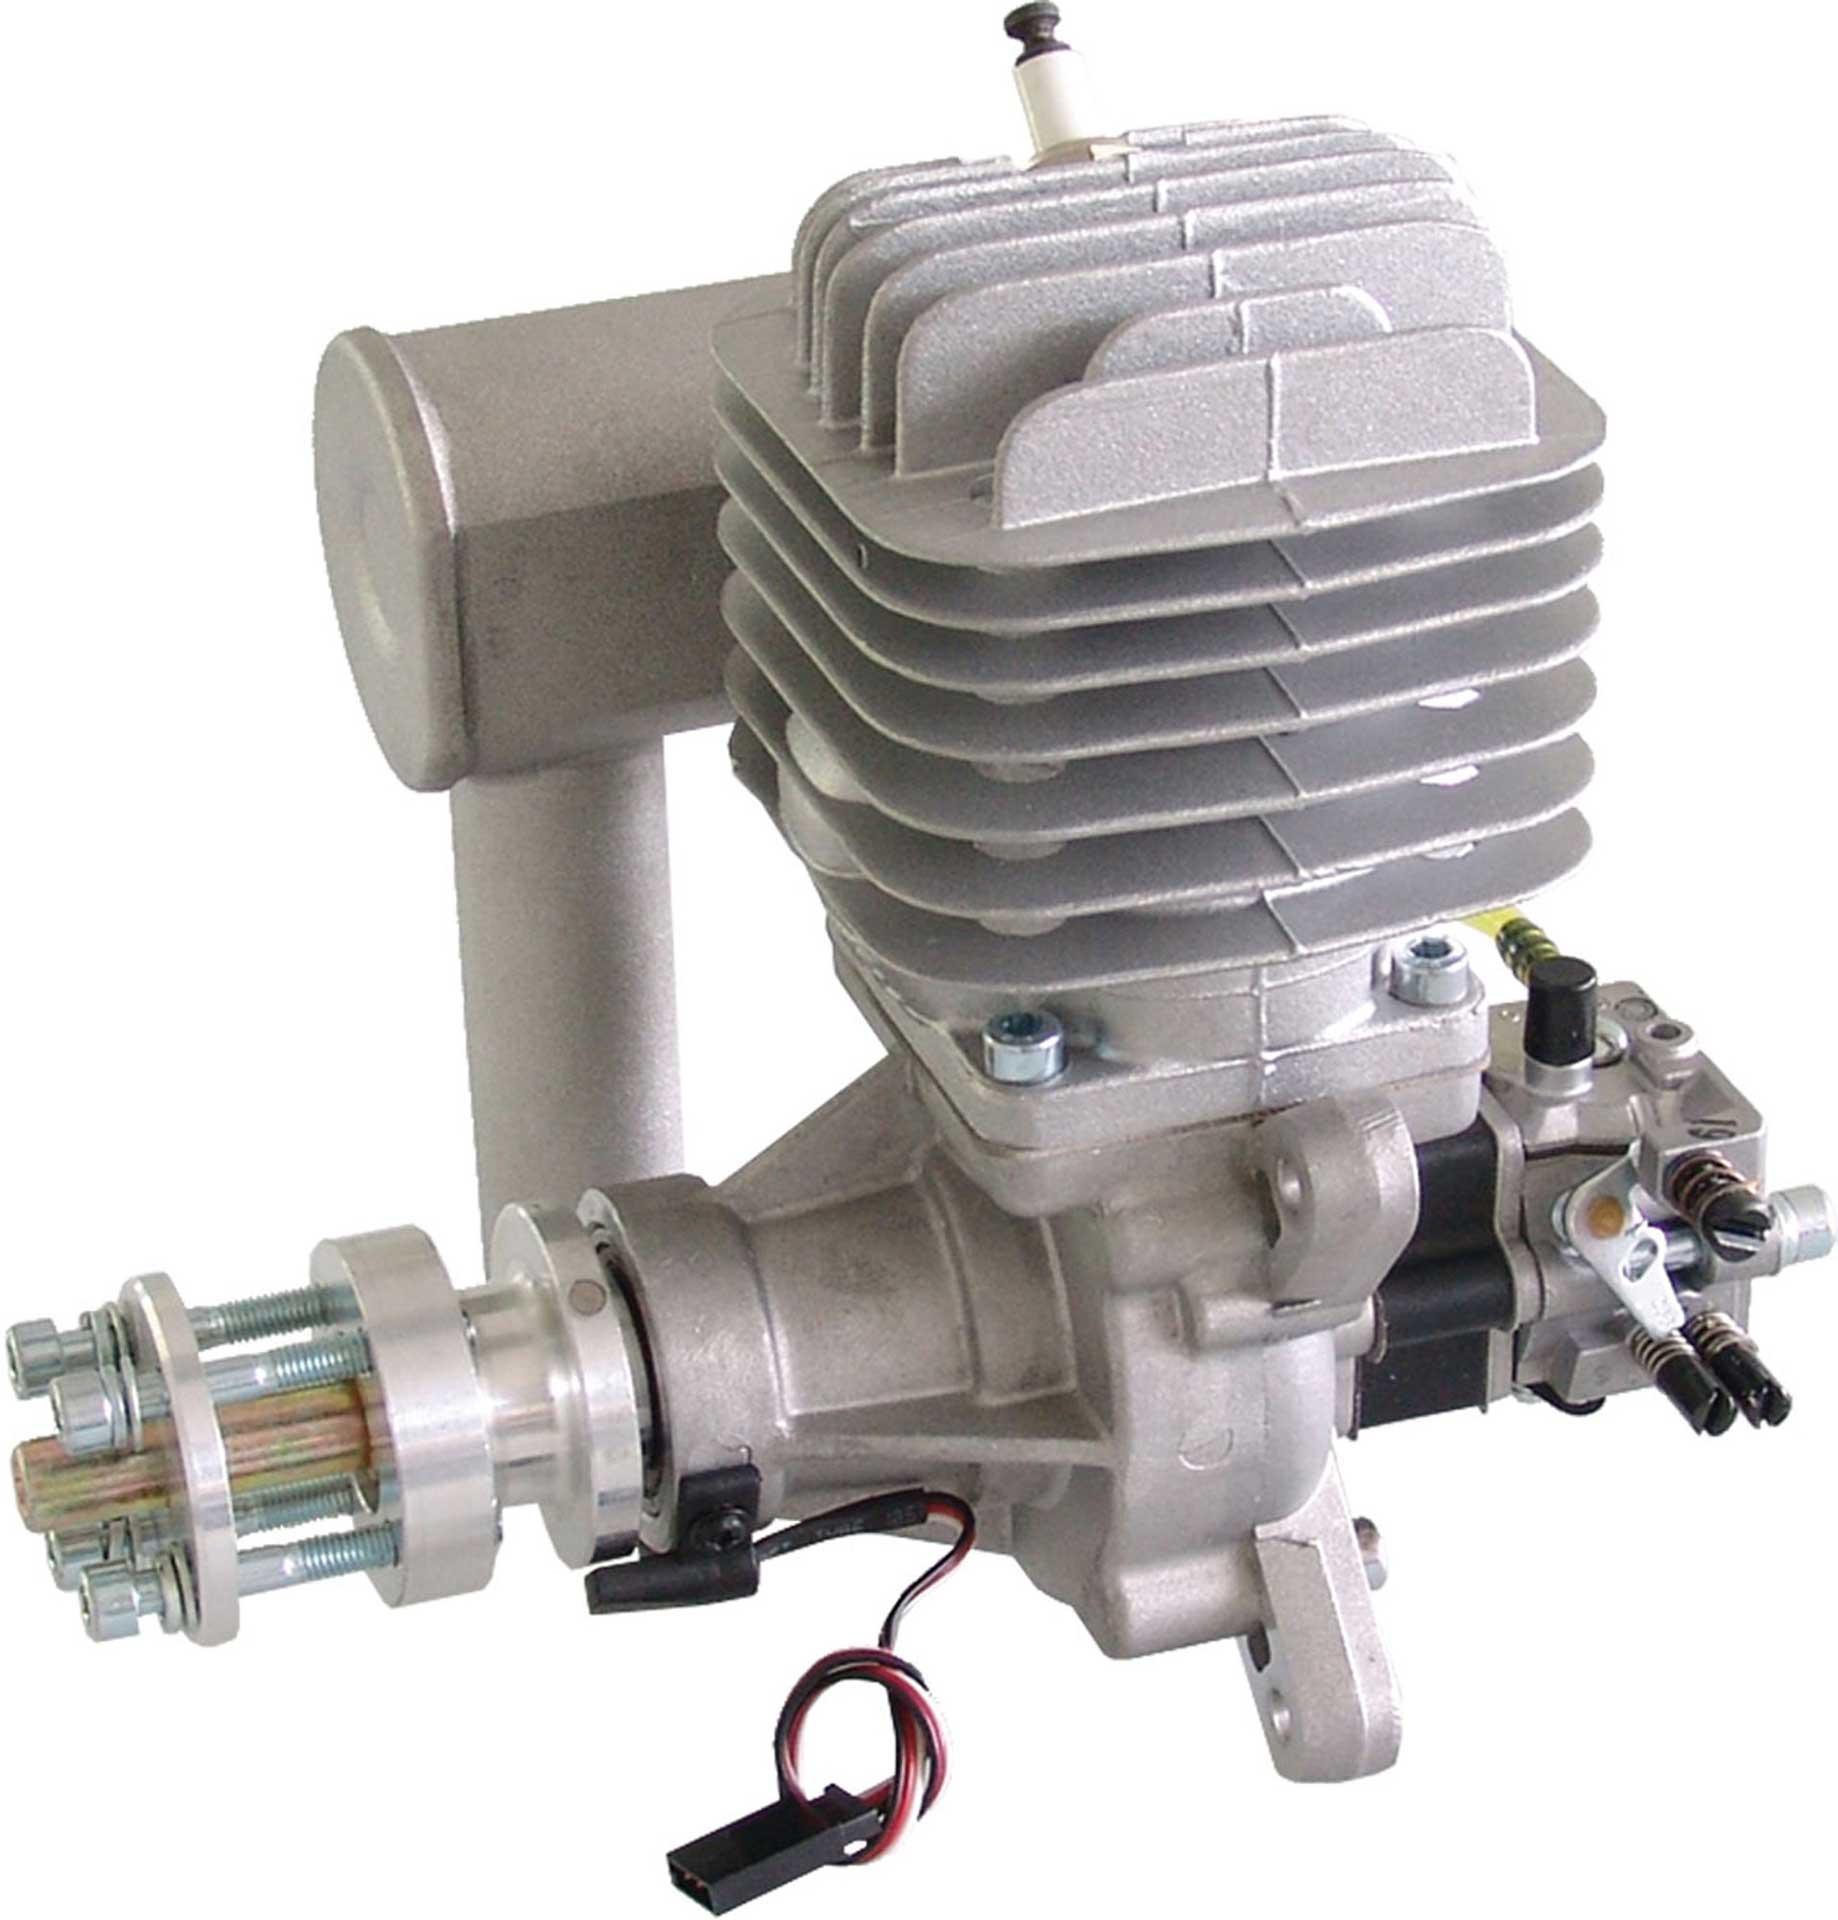 DLE Engines DL (DLE) 55 MOTEUR À ESSENCE SORTIE LATÉRAL AVEC ALLUMAGE ÉLECTRONIQUE